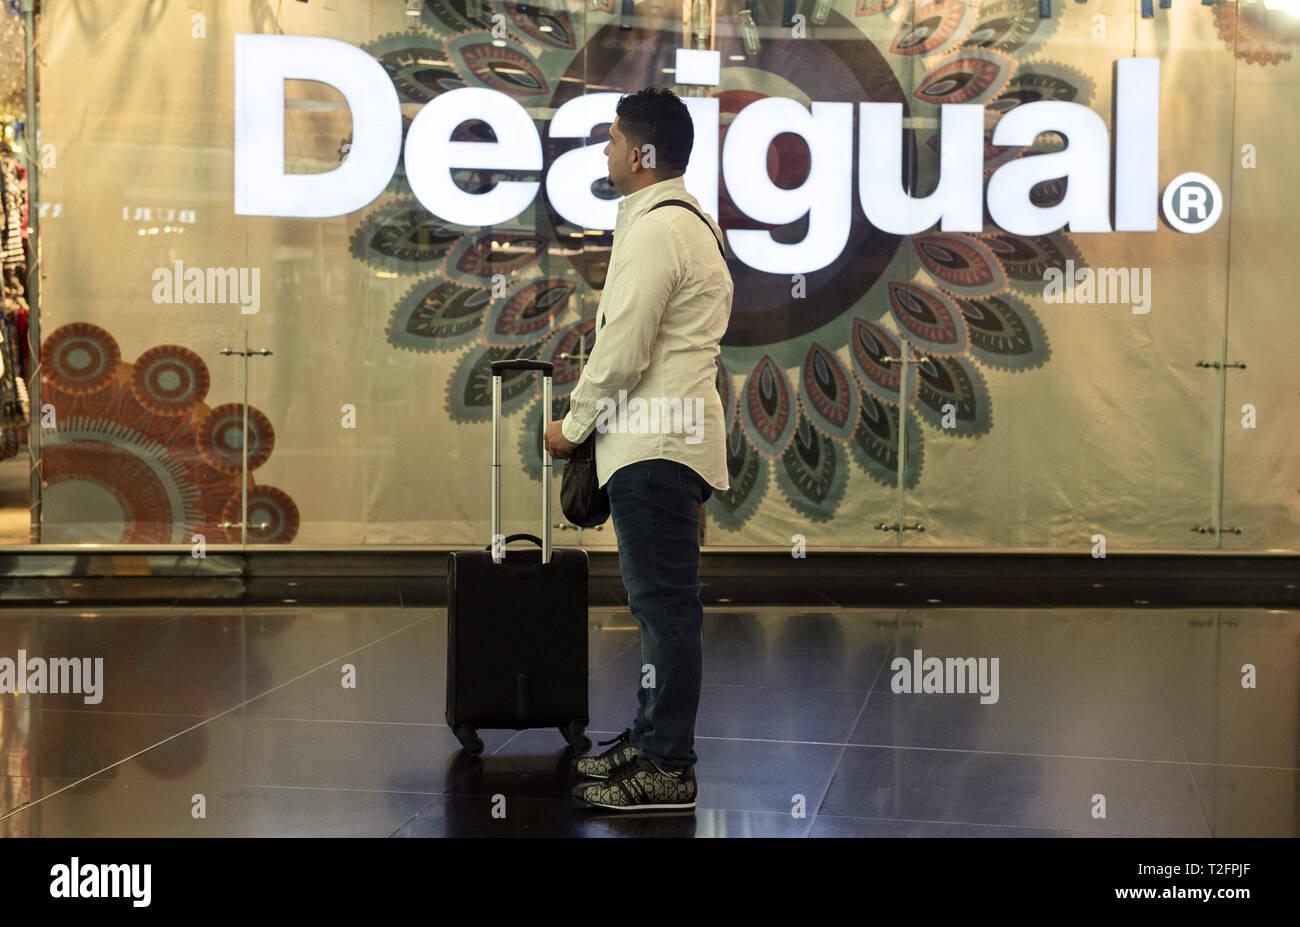 caa3a32c1 Barcelona, España. 7 Mar, 2019. Un viajero visto parado cerca de una